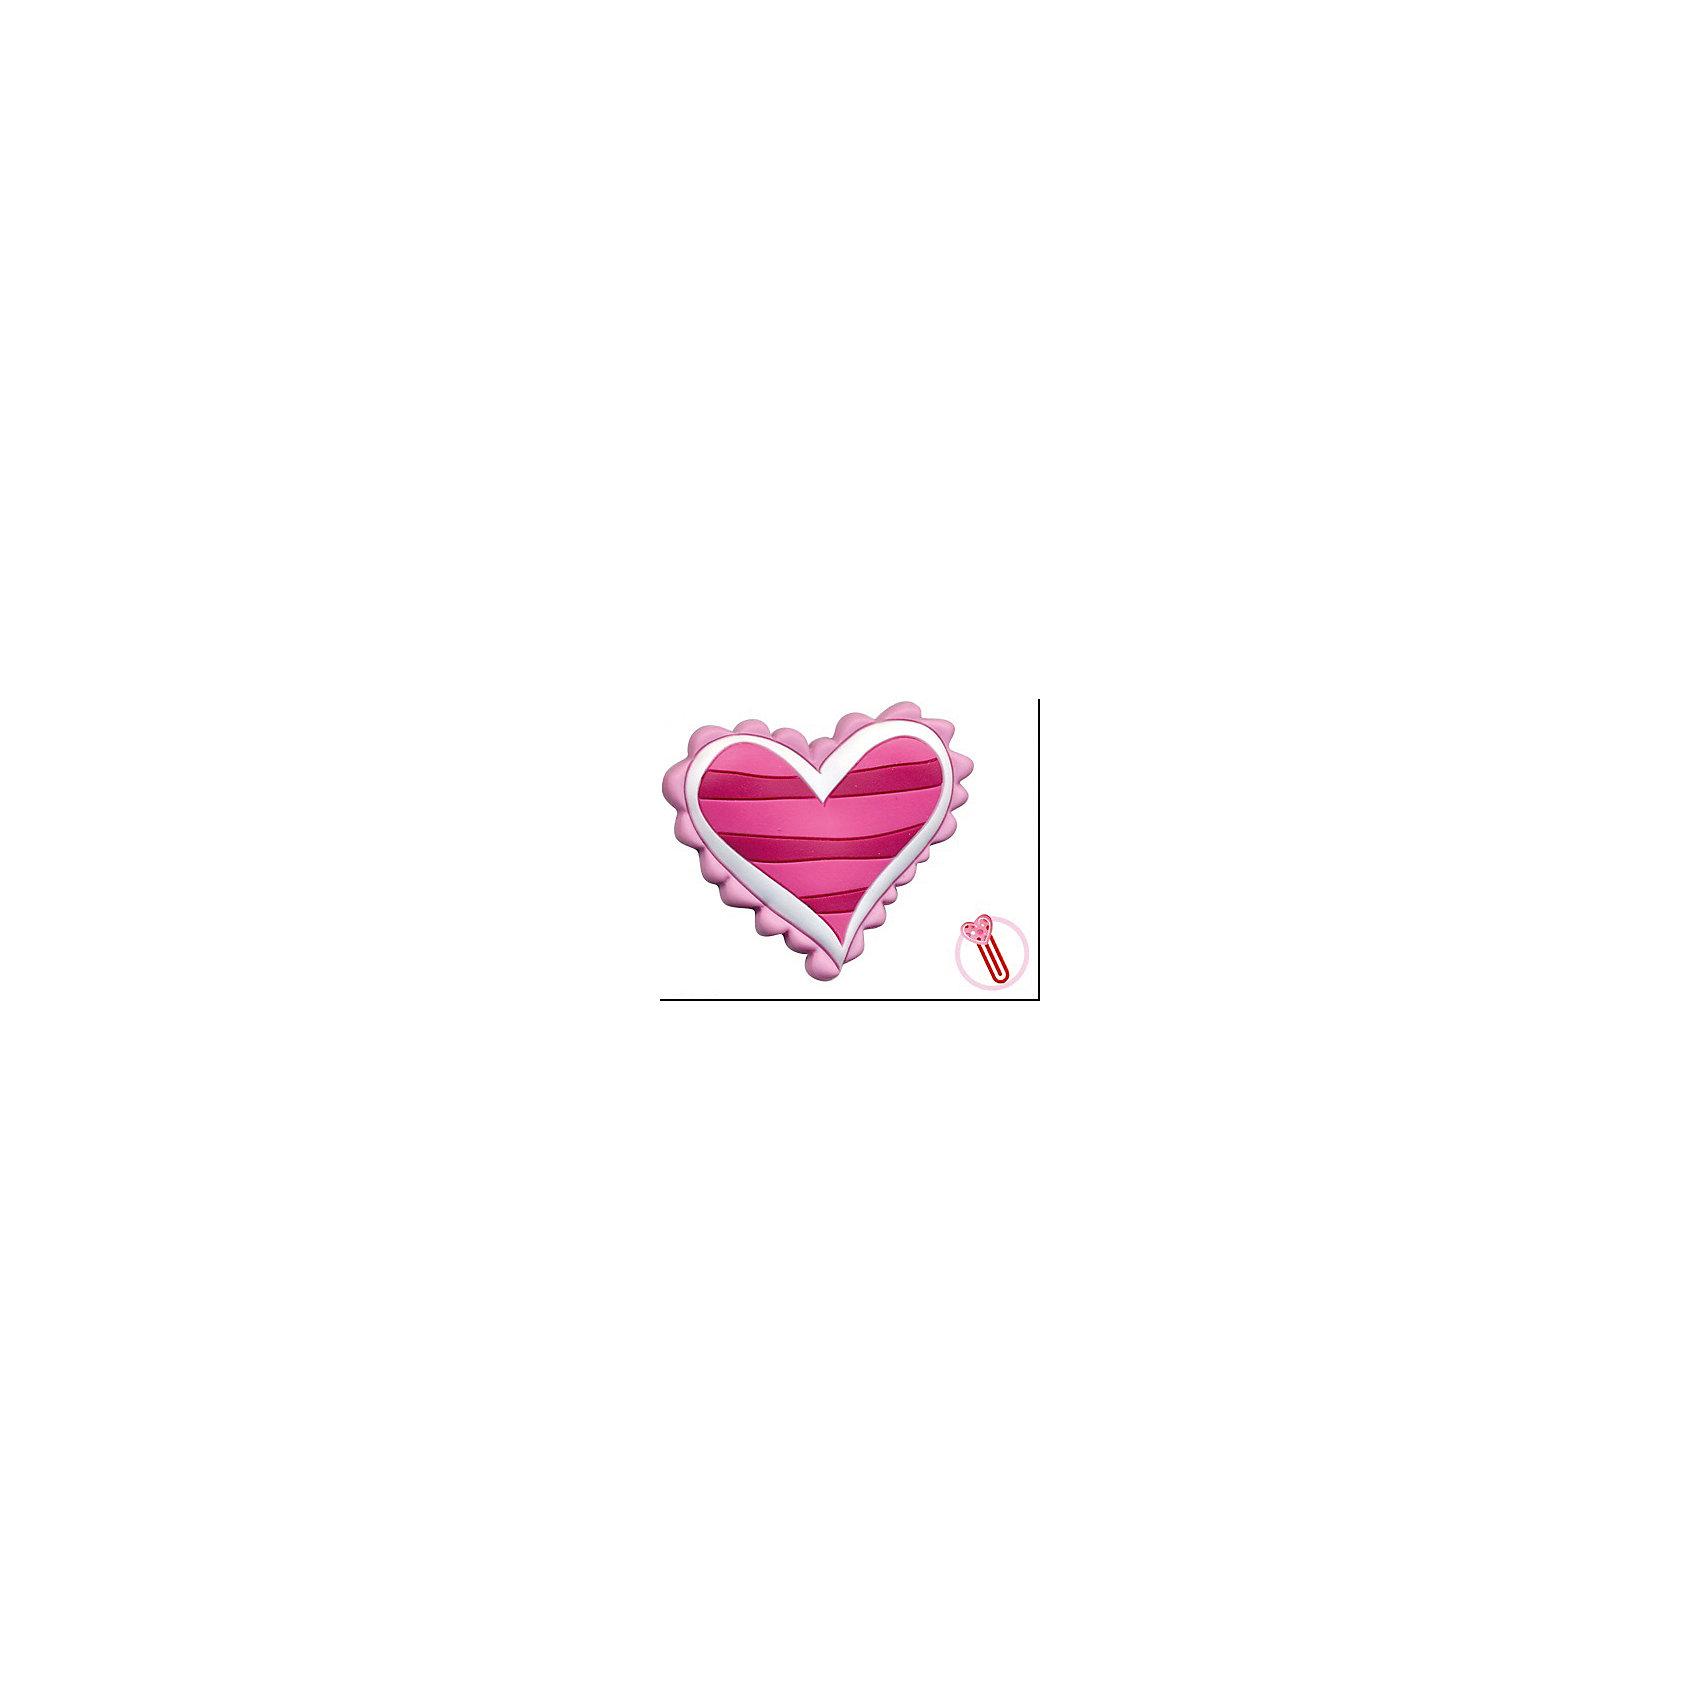 - Закладка-сувенир для книг  Полосатое сердце что в виде сувенира из туапсе